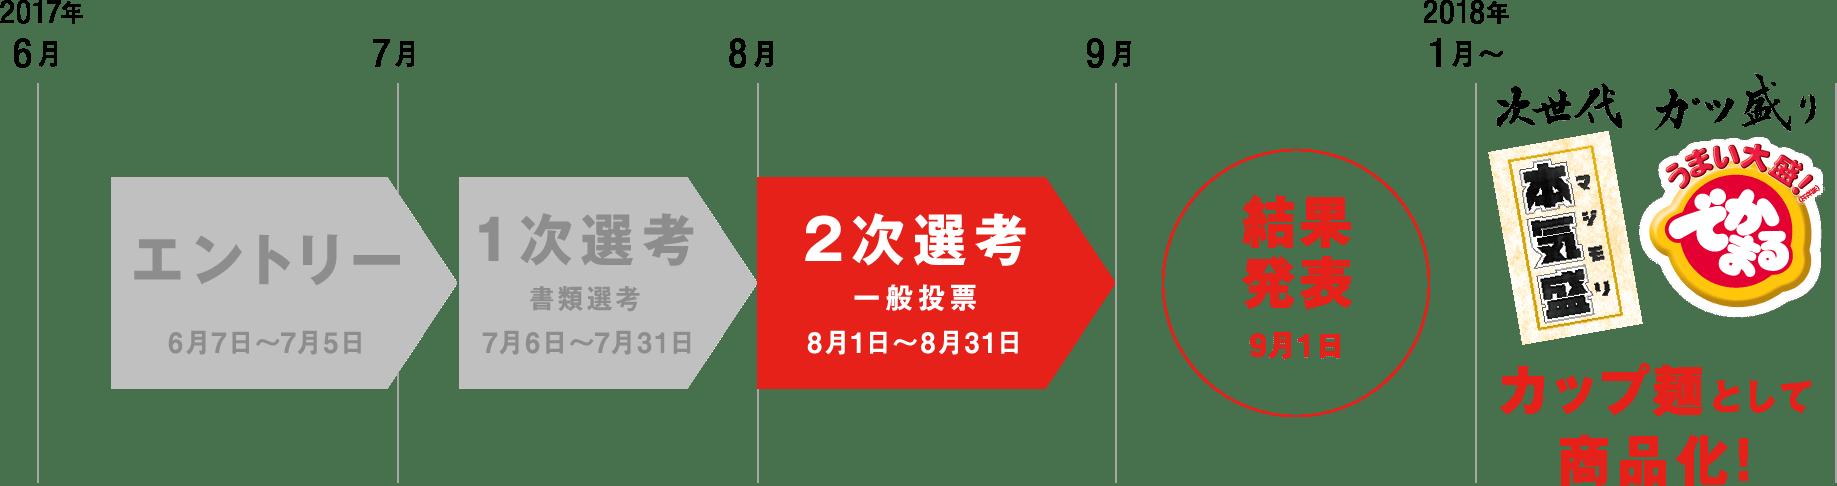 エントリー(6月7日~7月5日)→1次選考(7月6日〜7月31日)→2次選考一般投票(8月1日〜8月31日)→結果発表(9月初旬)→カップ麺として商品化!(2018年以降